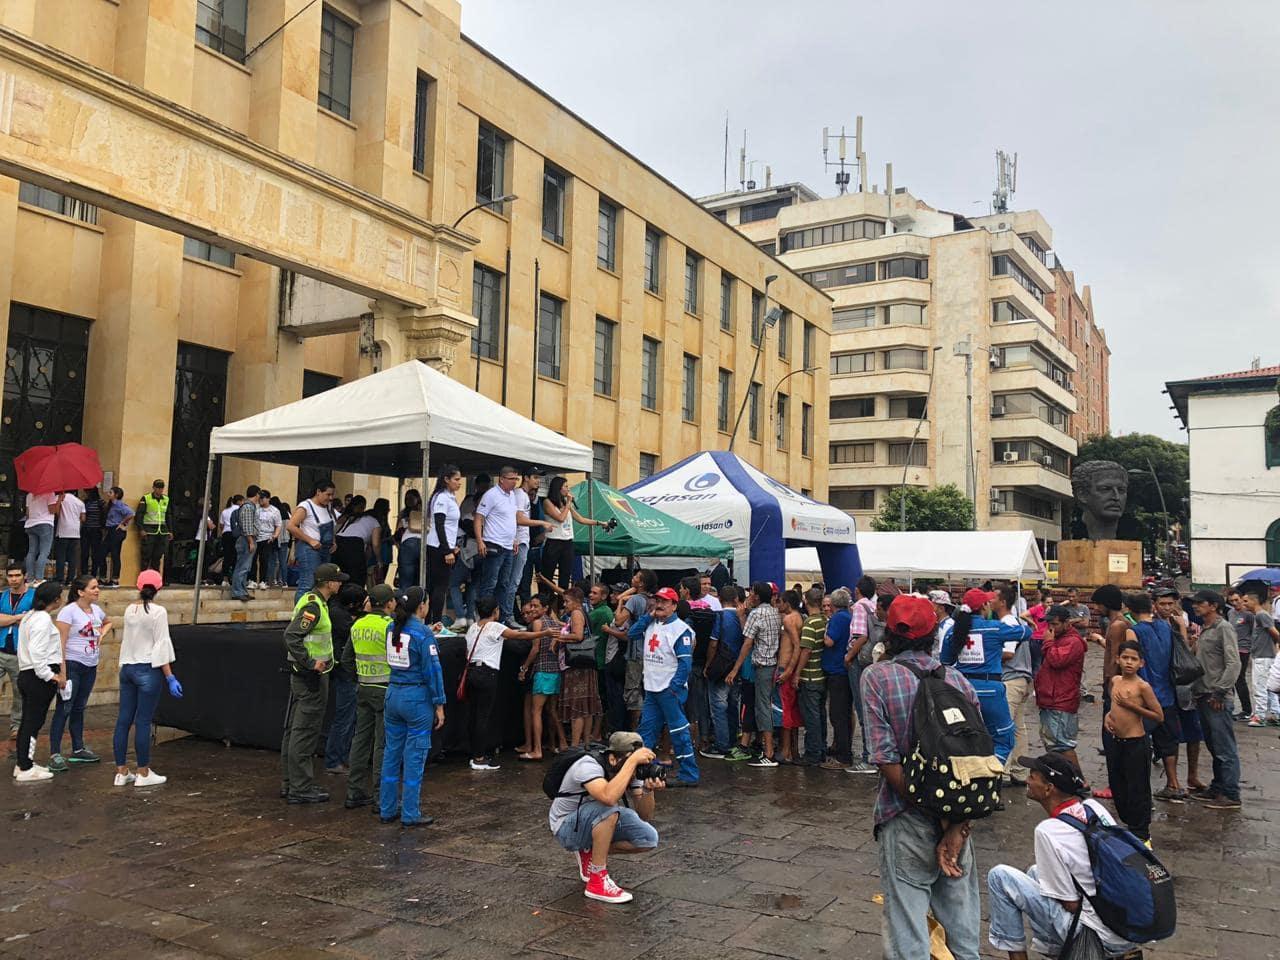 los voluntarios atendieron a un total de 154 habitantes (14 mujeres, 17 niños y 123 hombres) que recibieron asistencia